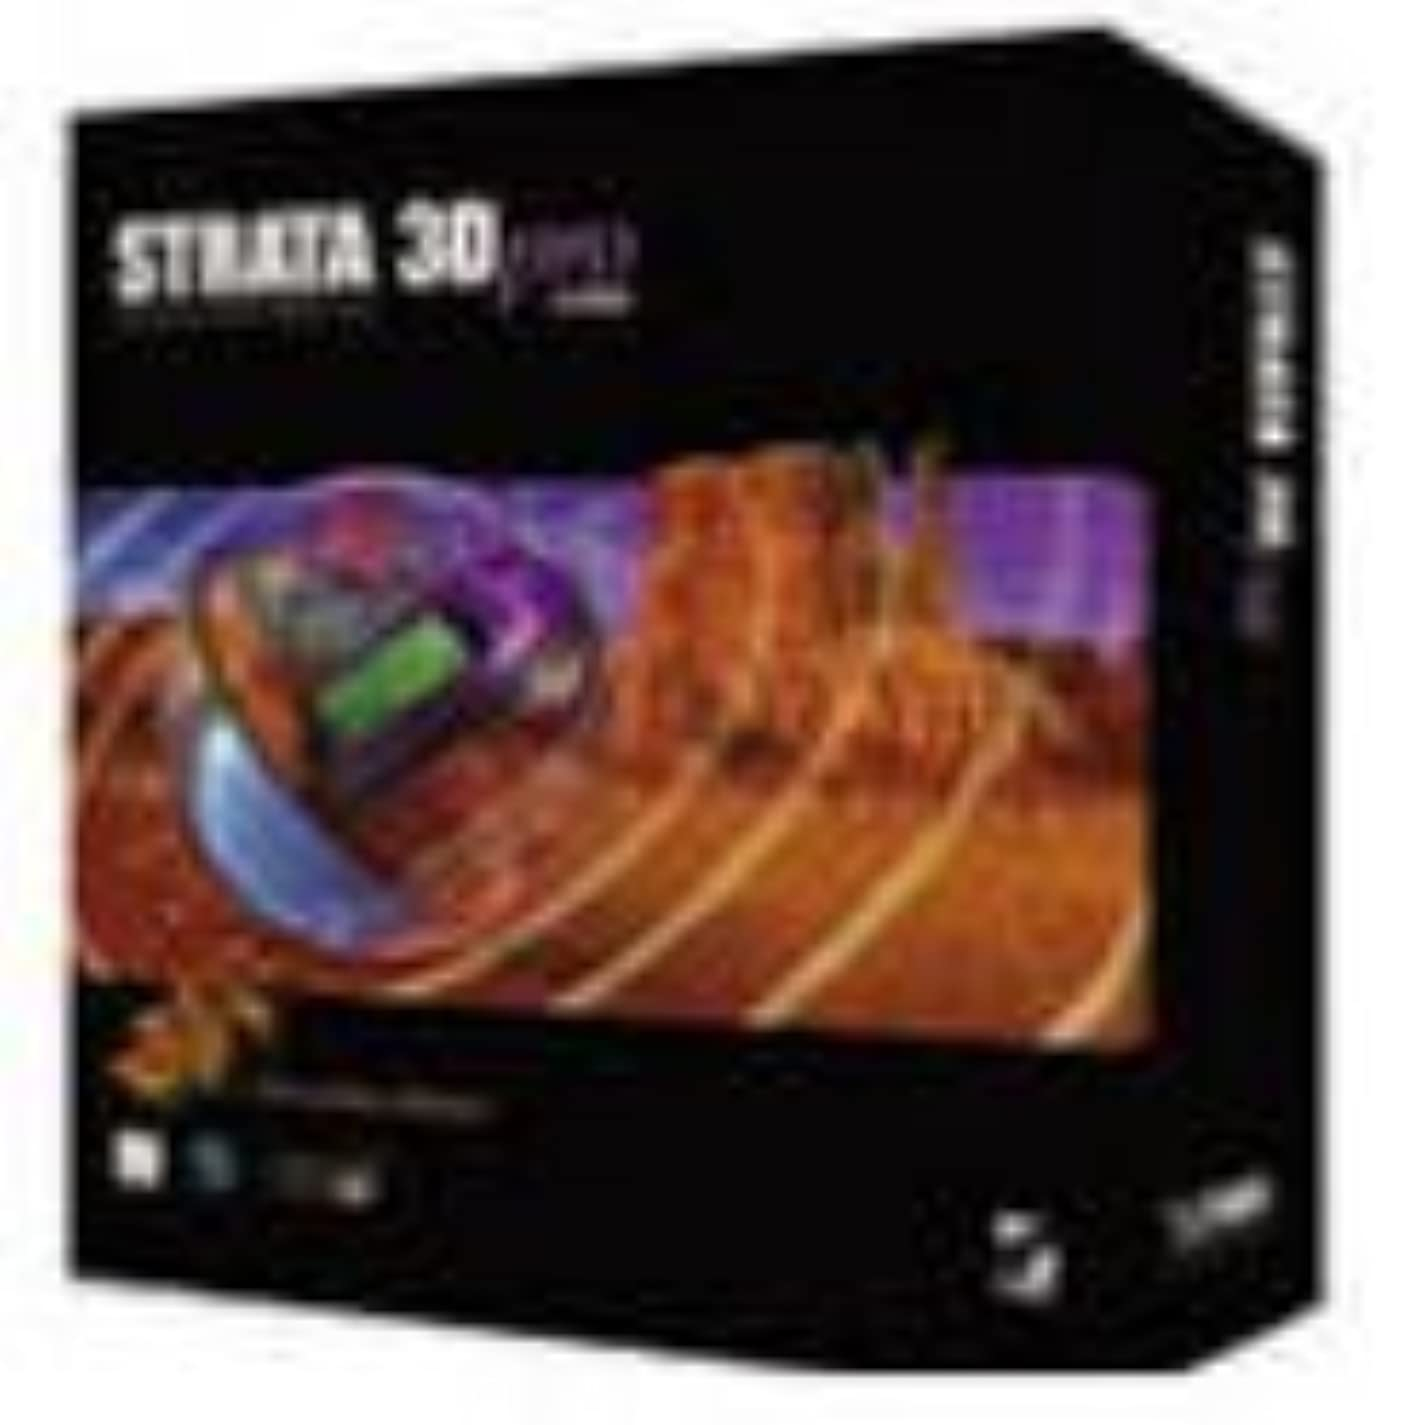 驚くべきインシュレータ有限Strata 3D pro 3.8 日本語版 Macintosh版